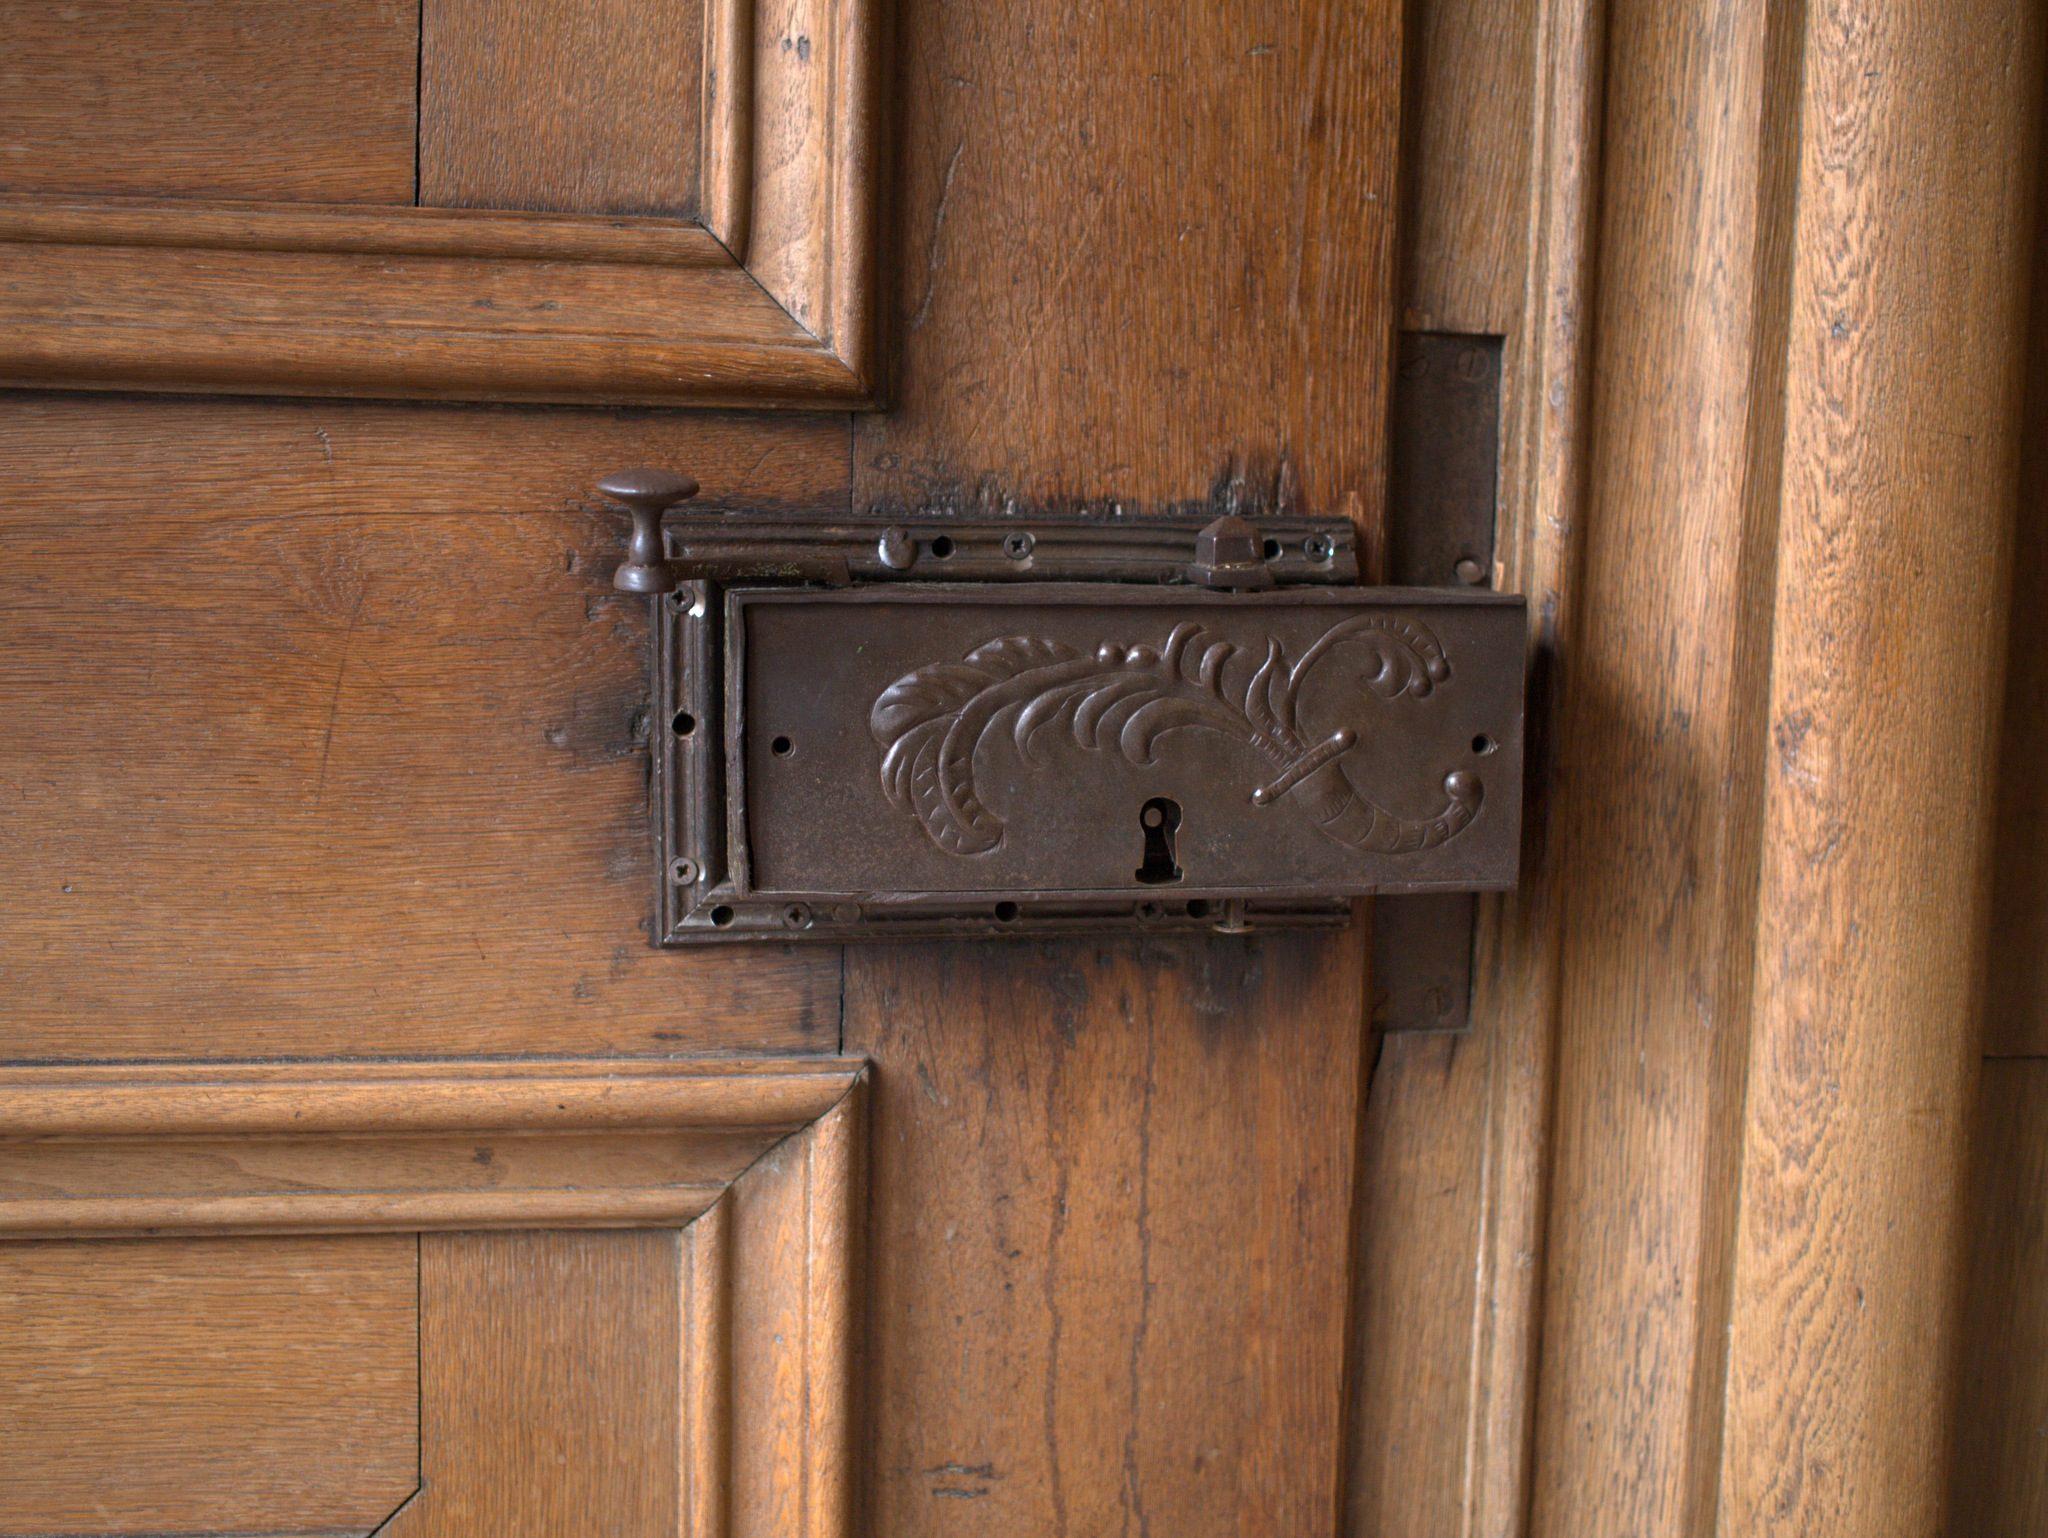 Ein Türschloss im späteren Speisezimmer (Refektorium).